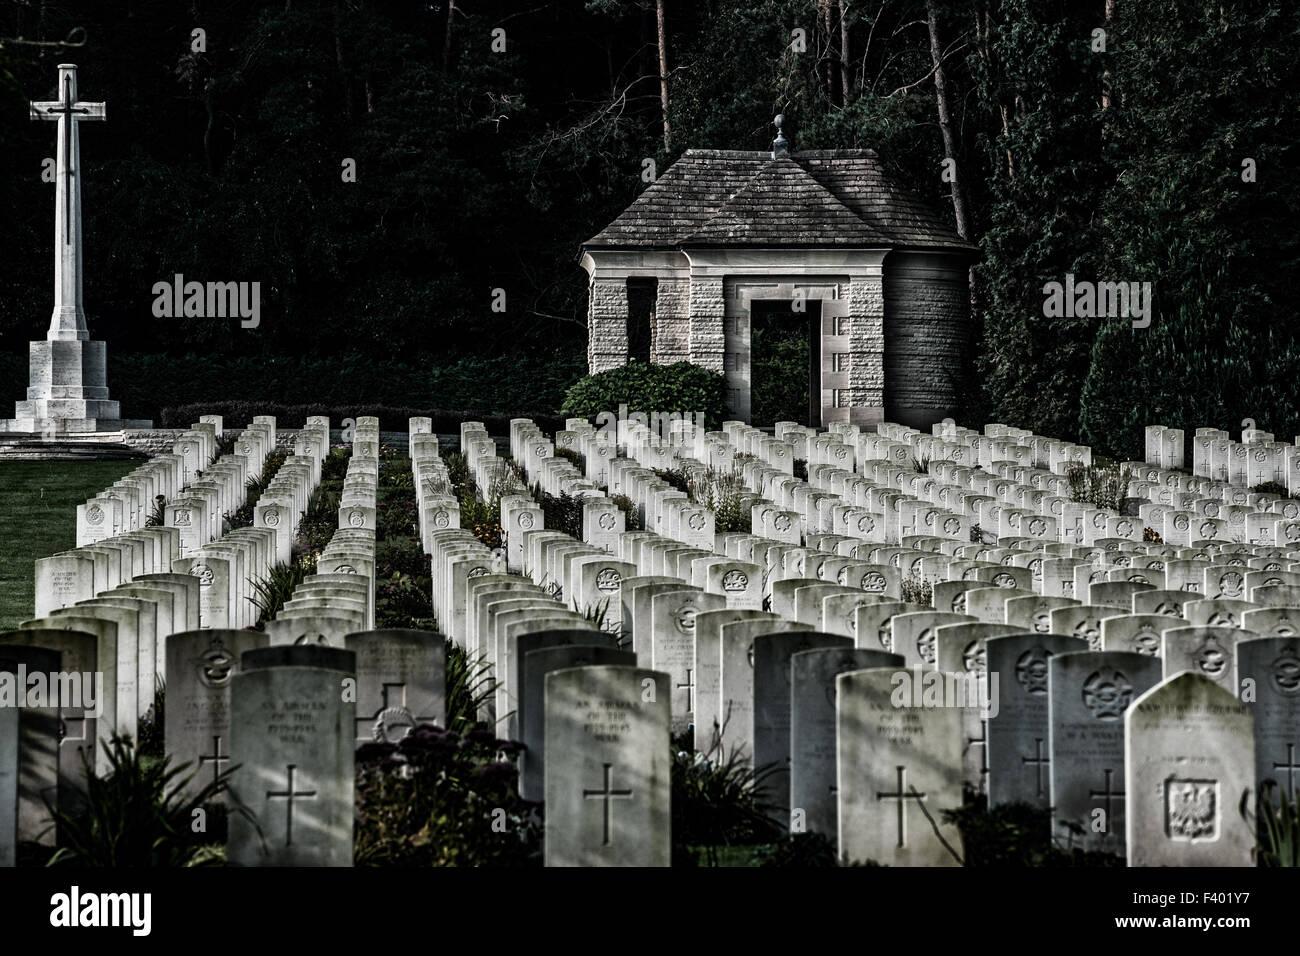 tombe di guerra Foto Stock